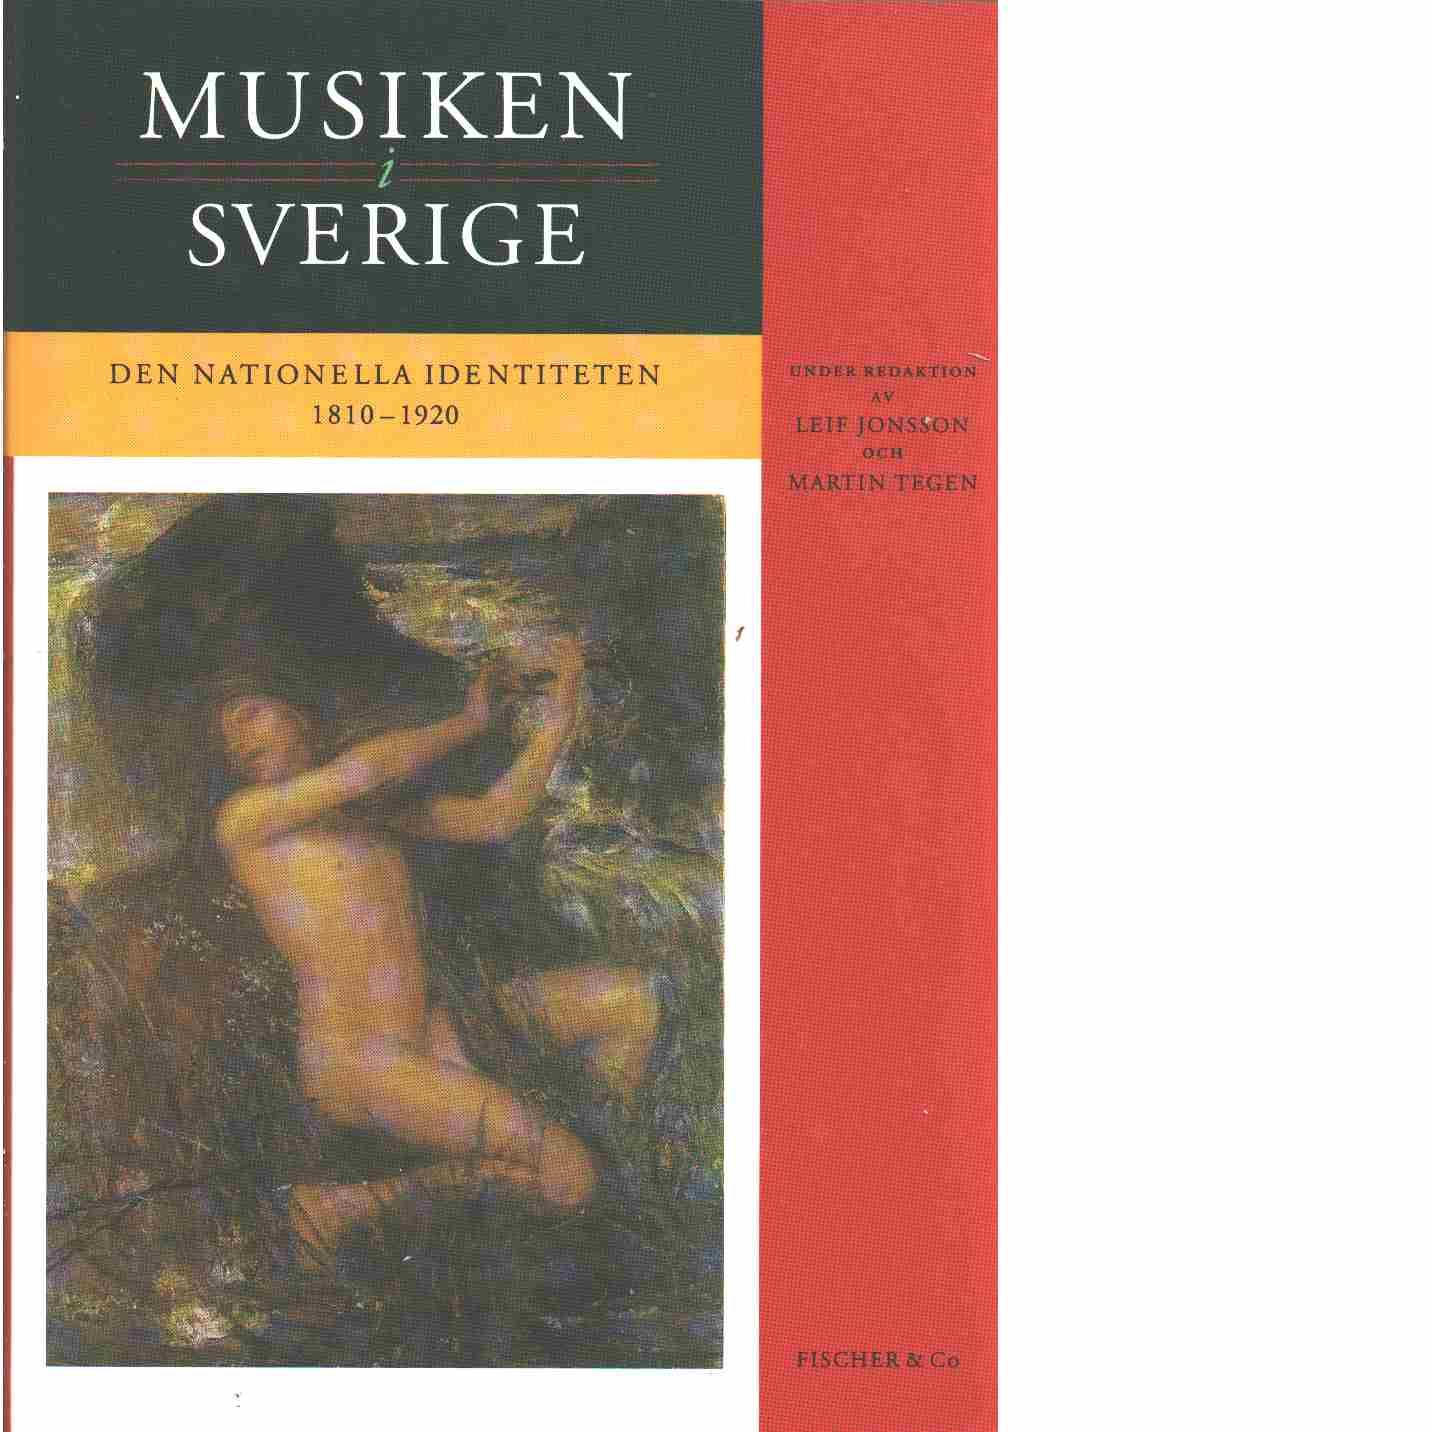 Musiken i Sverige  III : Den nationella identiteten 1810-1920  - Red. Jonsson, Leif och Tegen, Martin